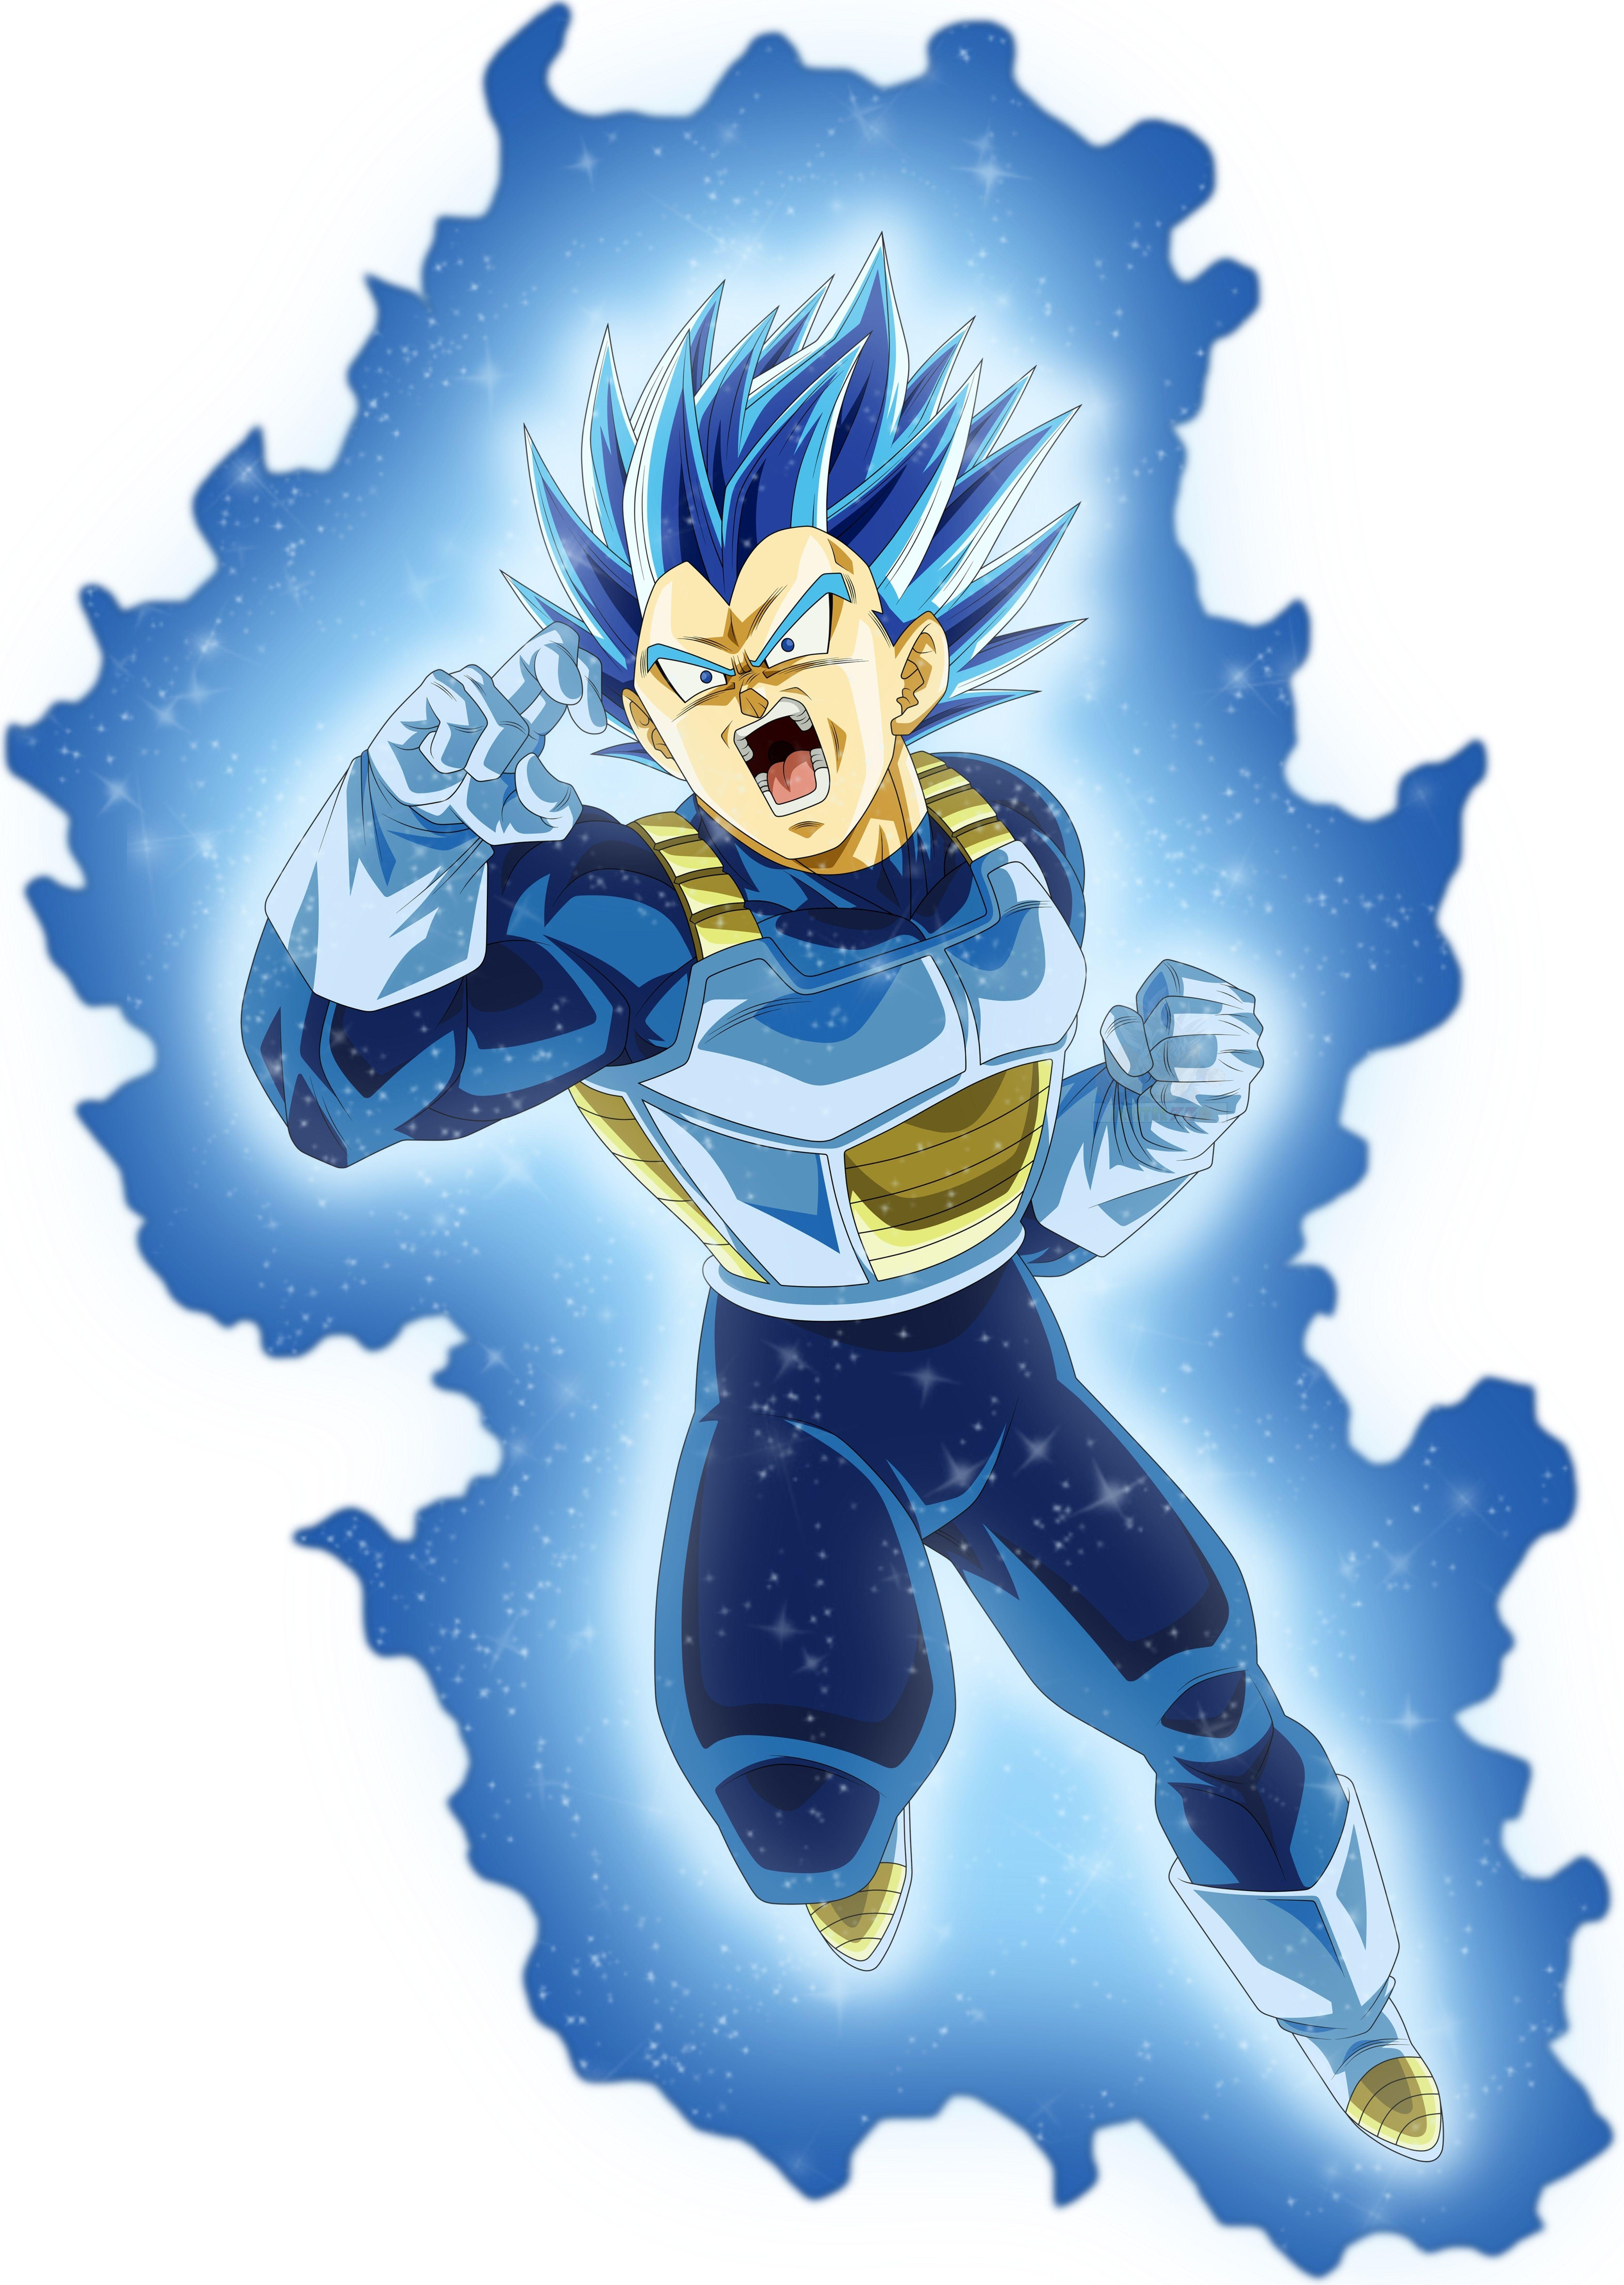 Vegeta Ssj Blue Universo 7 Dragon Ball Super Wallpapers Dragon Ball Wallpapers Dragon Super